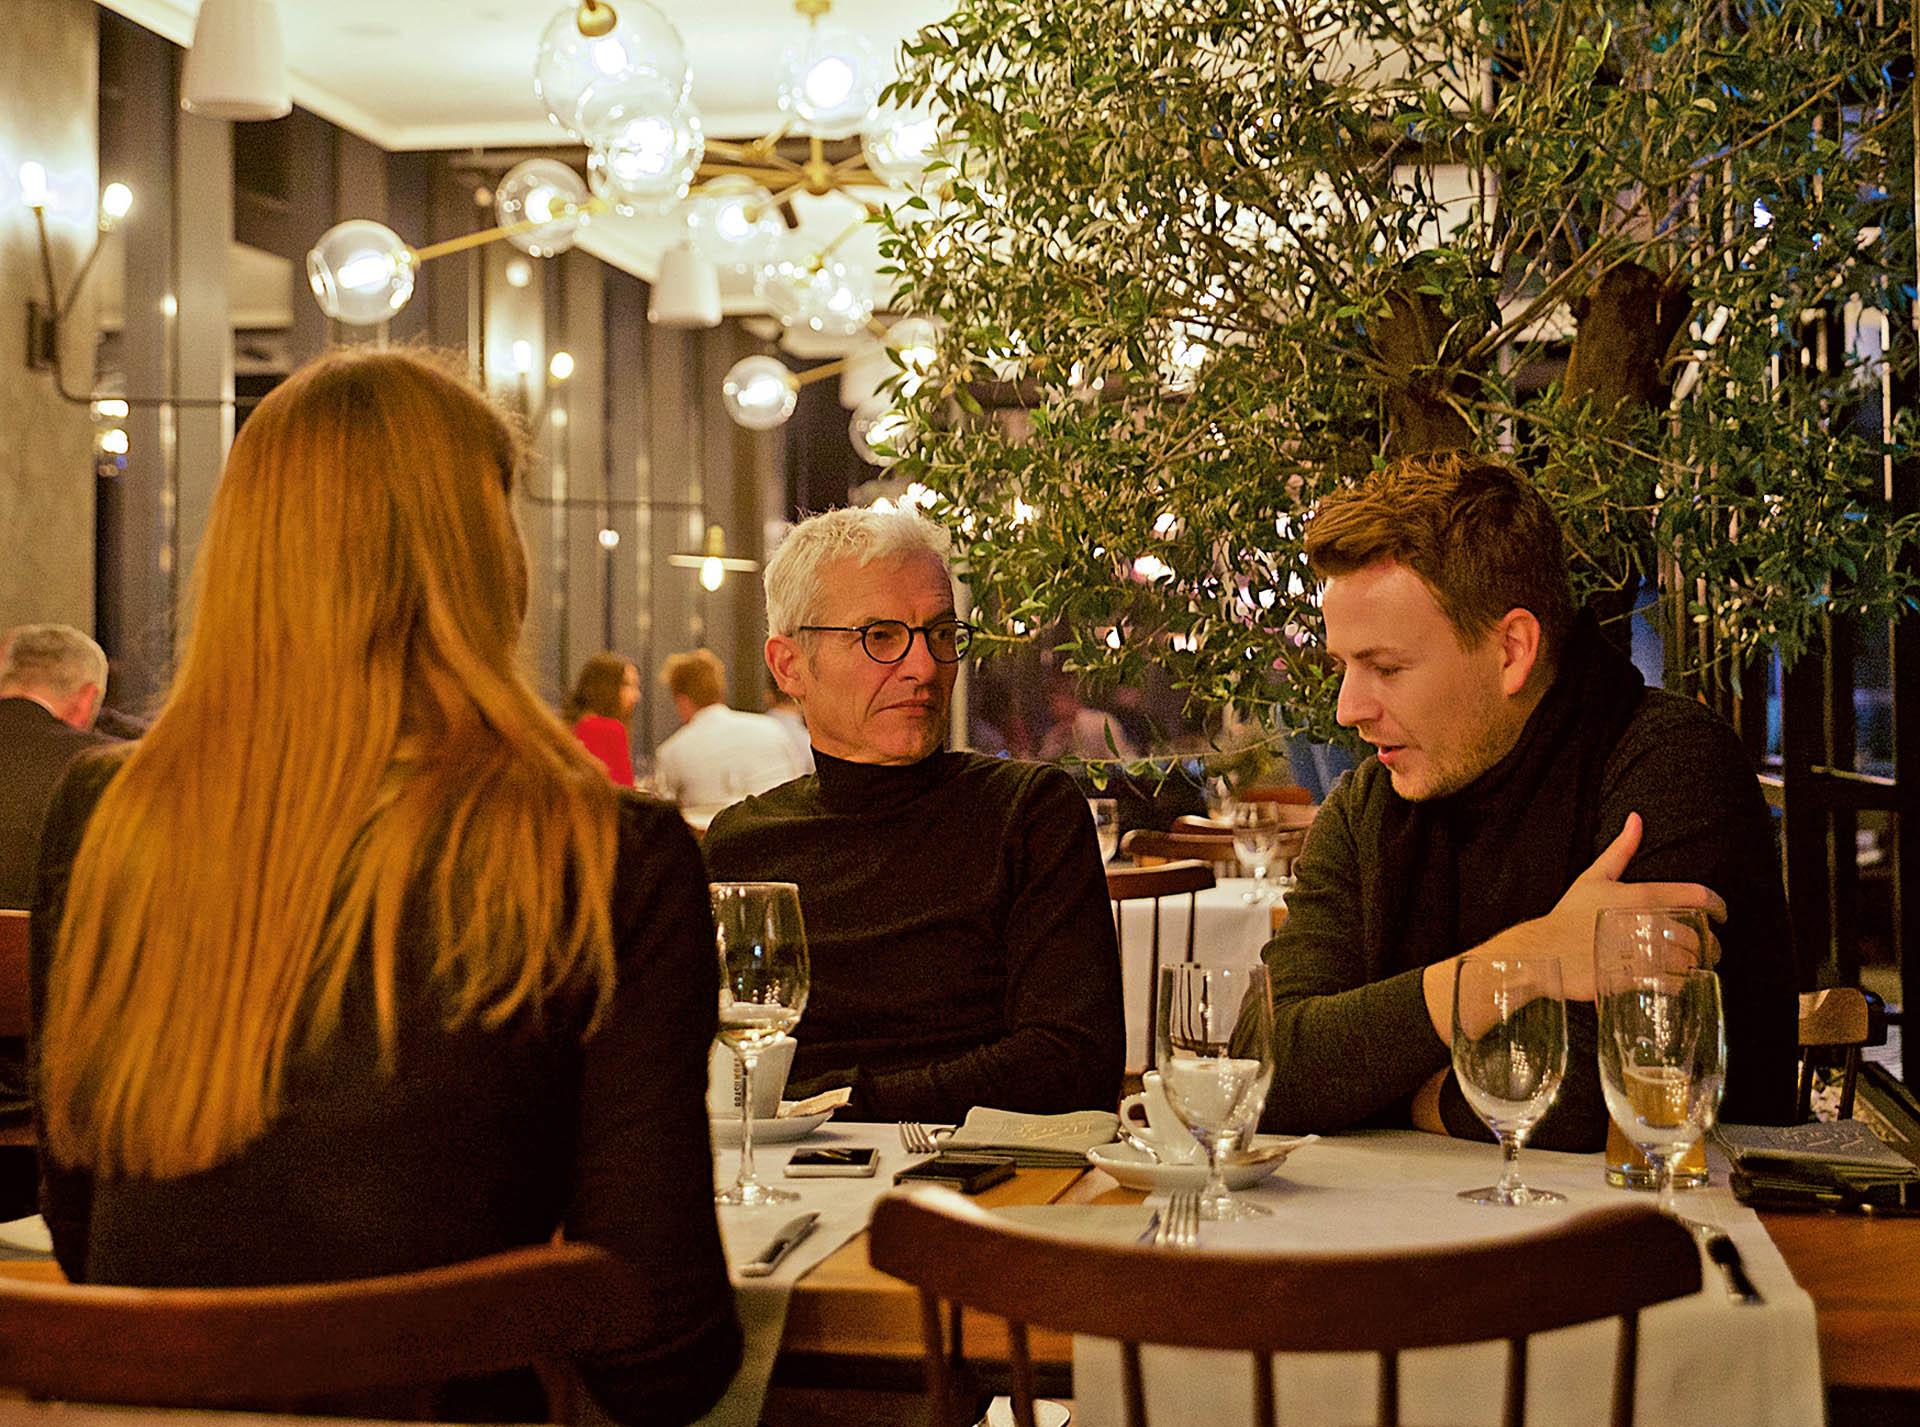 Justyna Boduch, Tobias Wulf, Gabriel Wulf (wulf architekten) w trakcie wywiadu dla A&B; fot.: Kinga Gołąbek